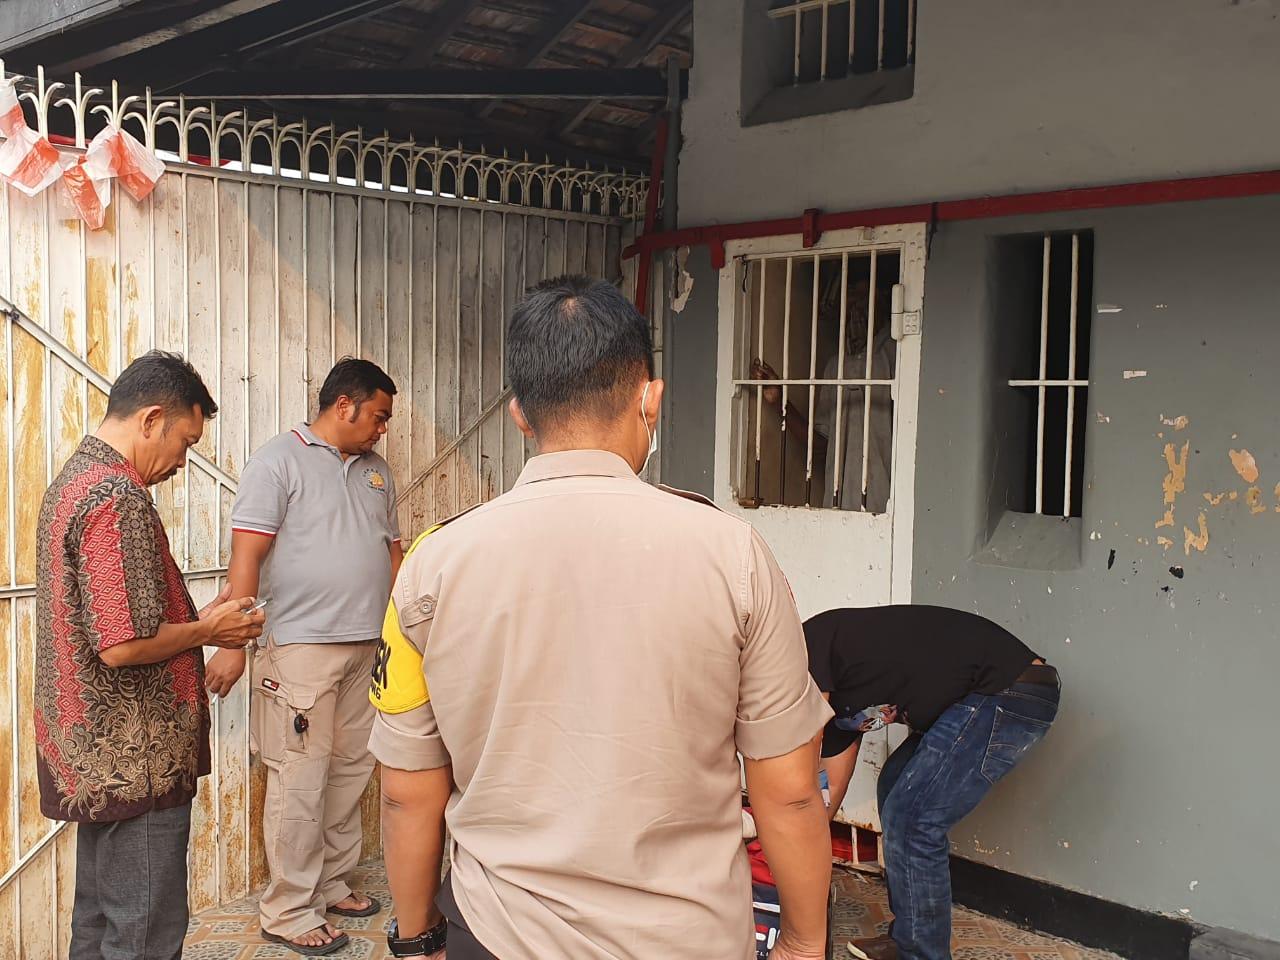 Polisi mengolah tempat kejadian perkara (TKP) Sukarta, 60, seorang Napi yang gantung diri di Lapas Kelas IIA Pemuda Tangerang, Jumat (16/8/2019).